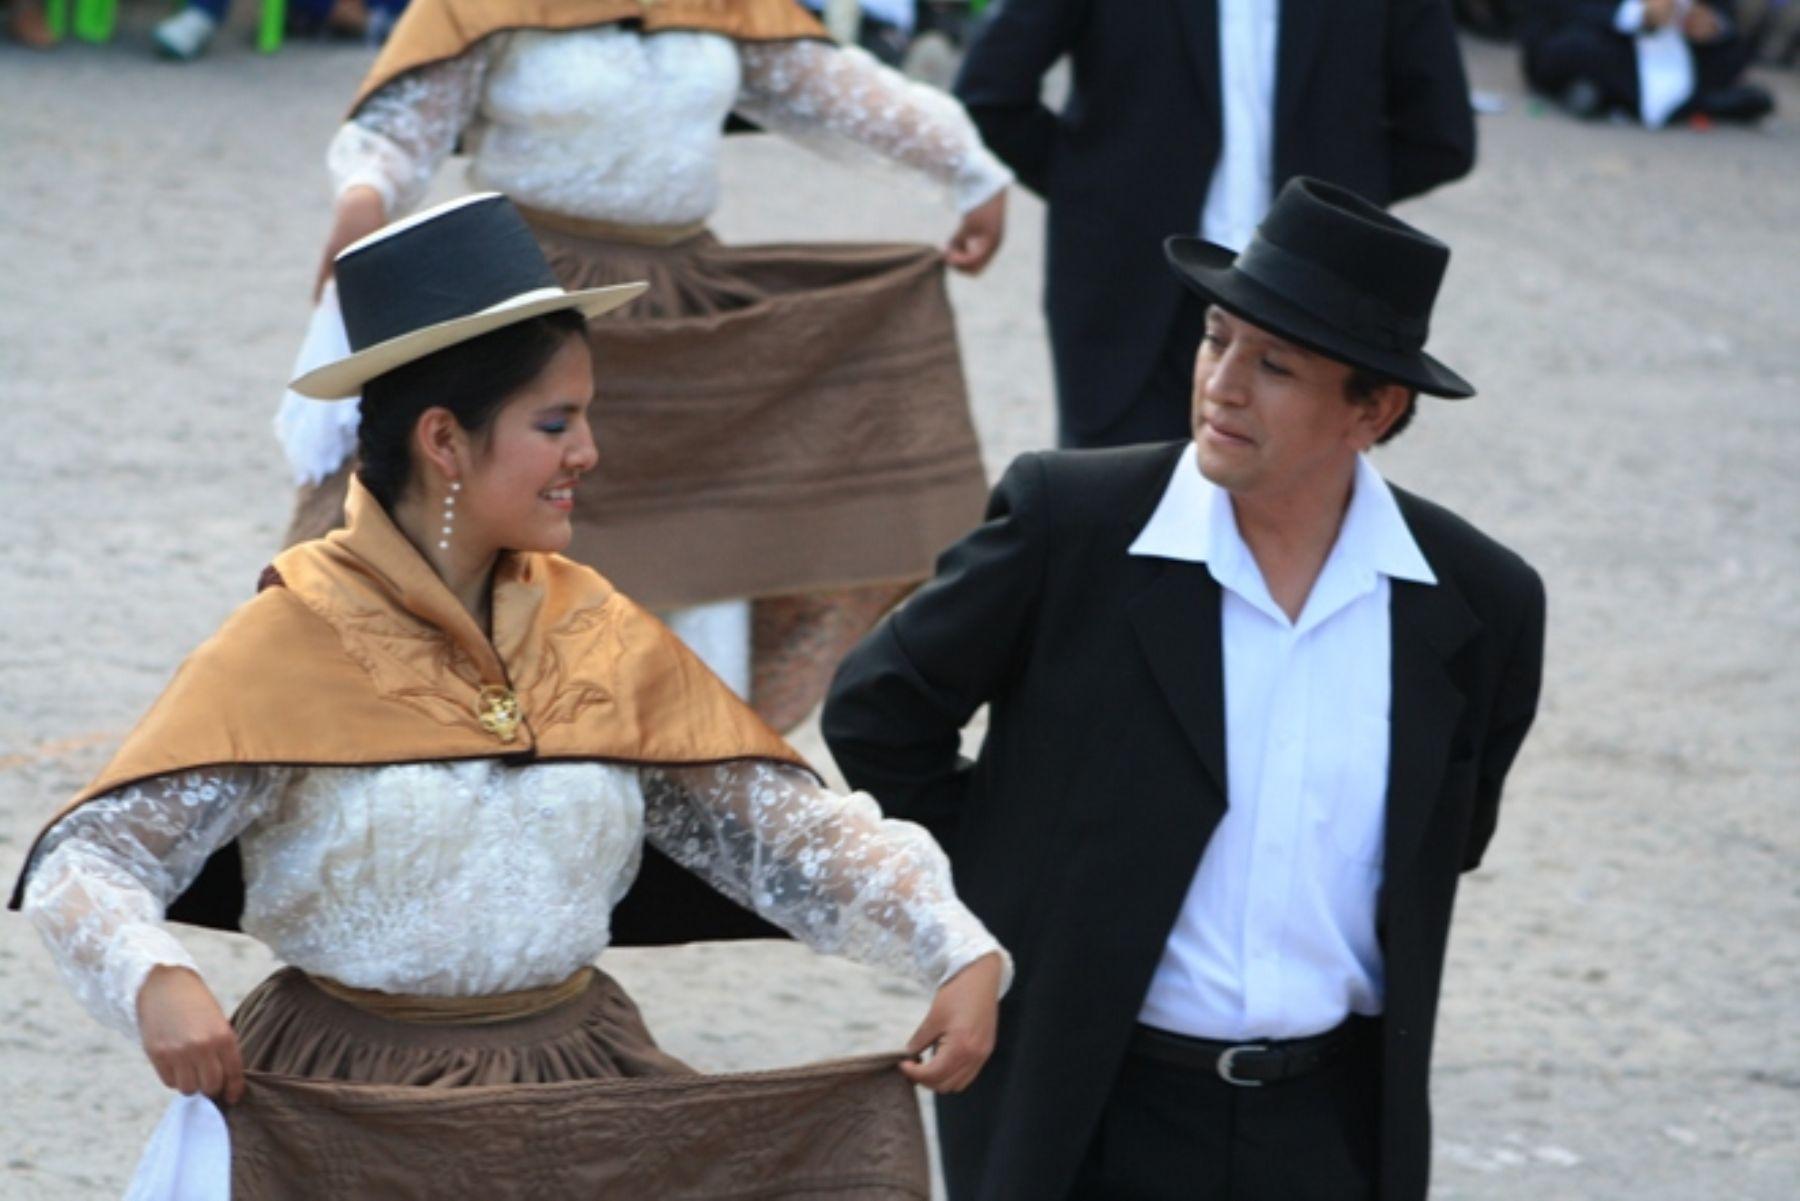 Con concurso de marinera ayacuchana Huamanga inició festejos por 474°  aniversario 902eb8f78c8